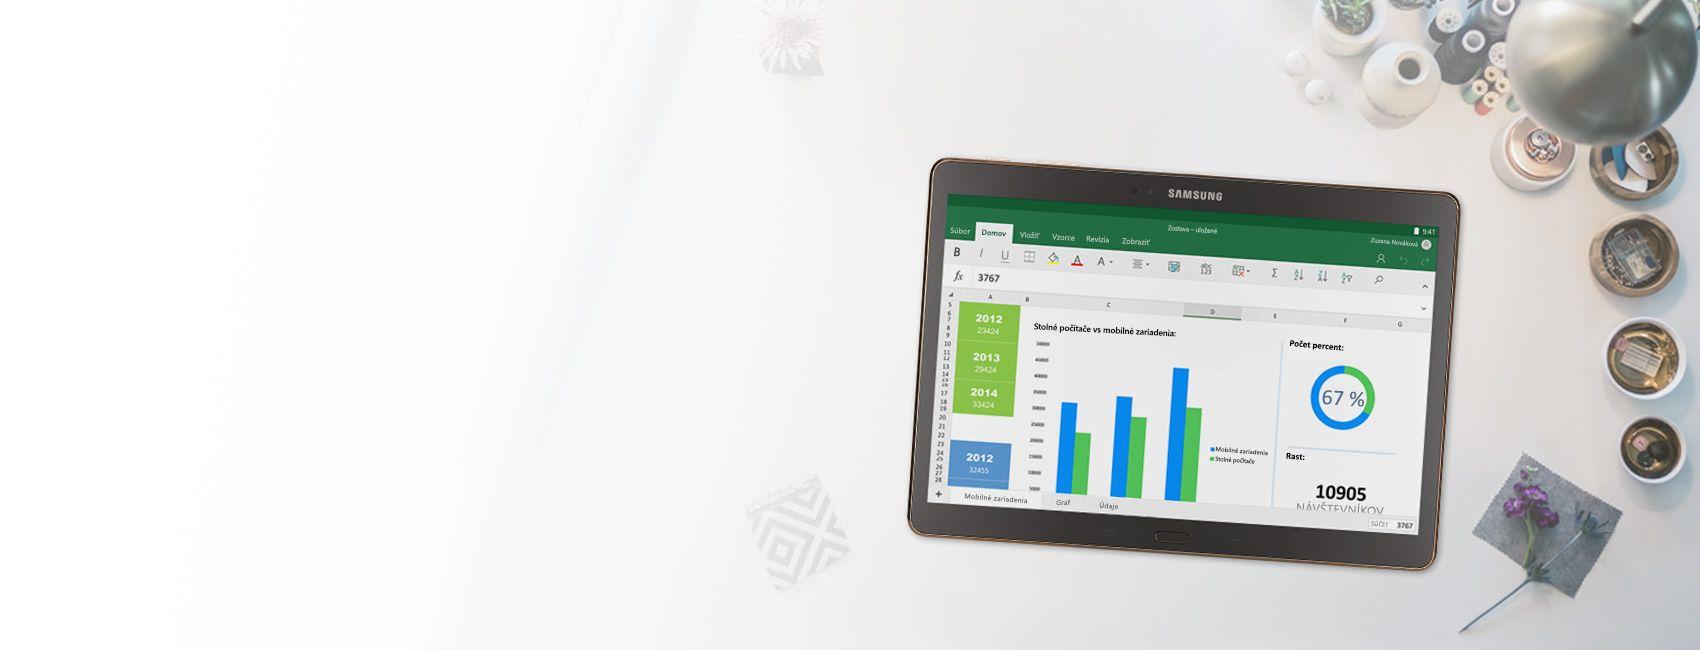 Tablet zobrazujúci grafy vzostave programu Excel